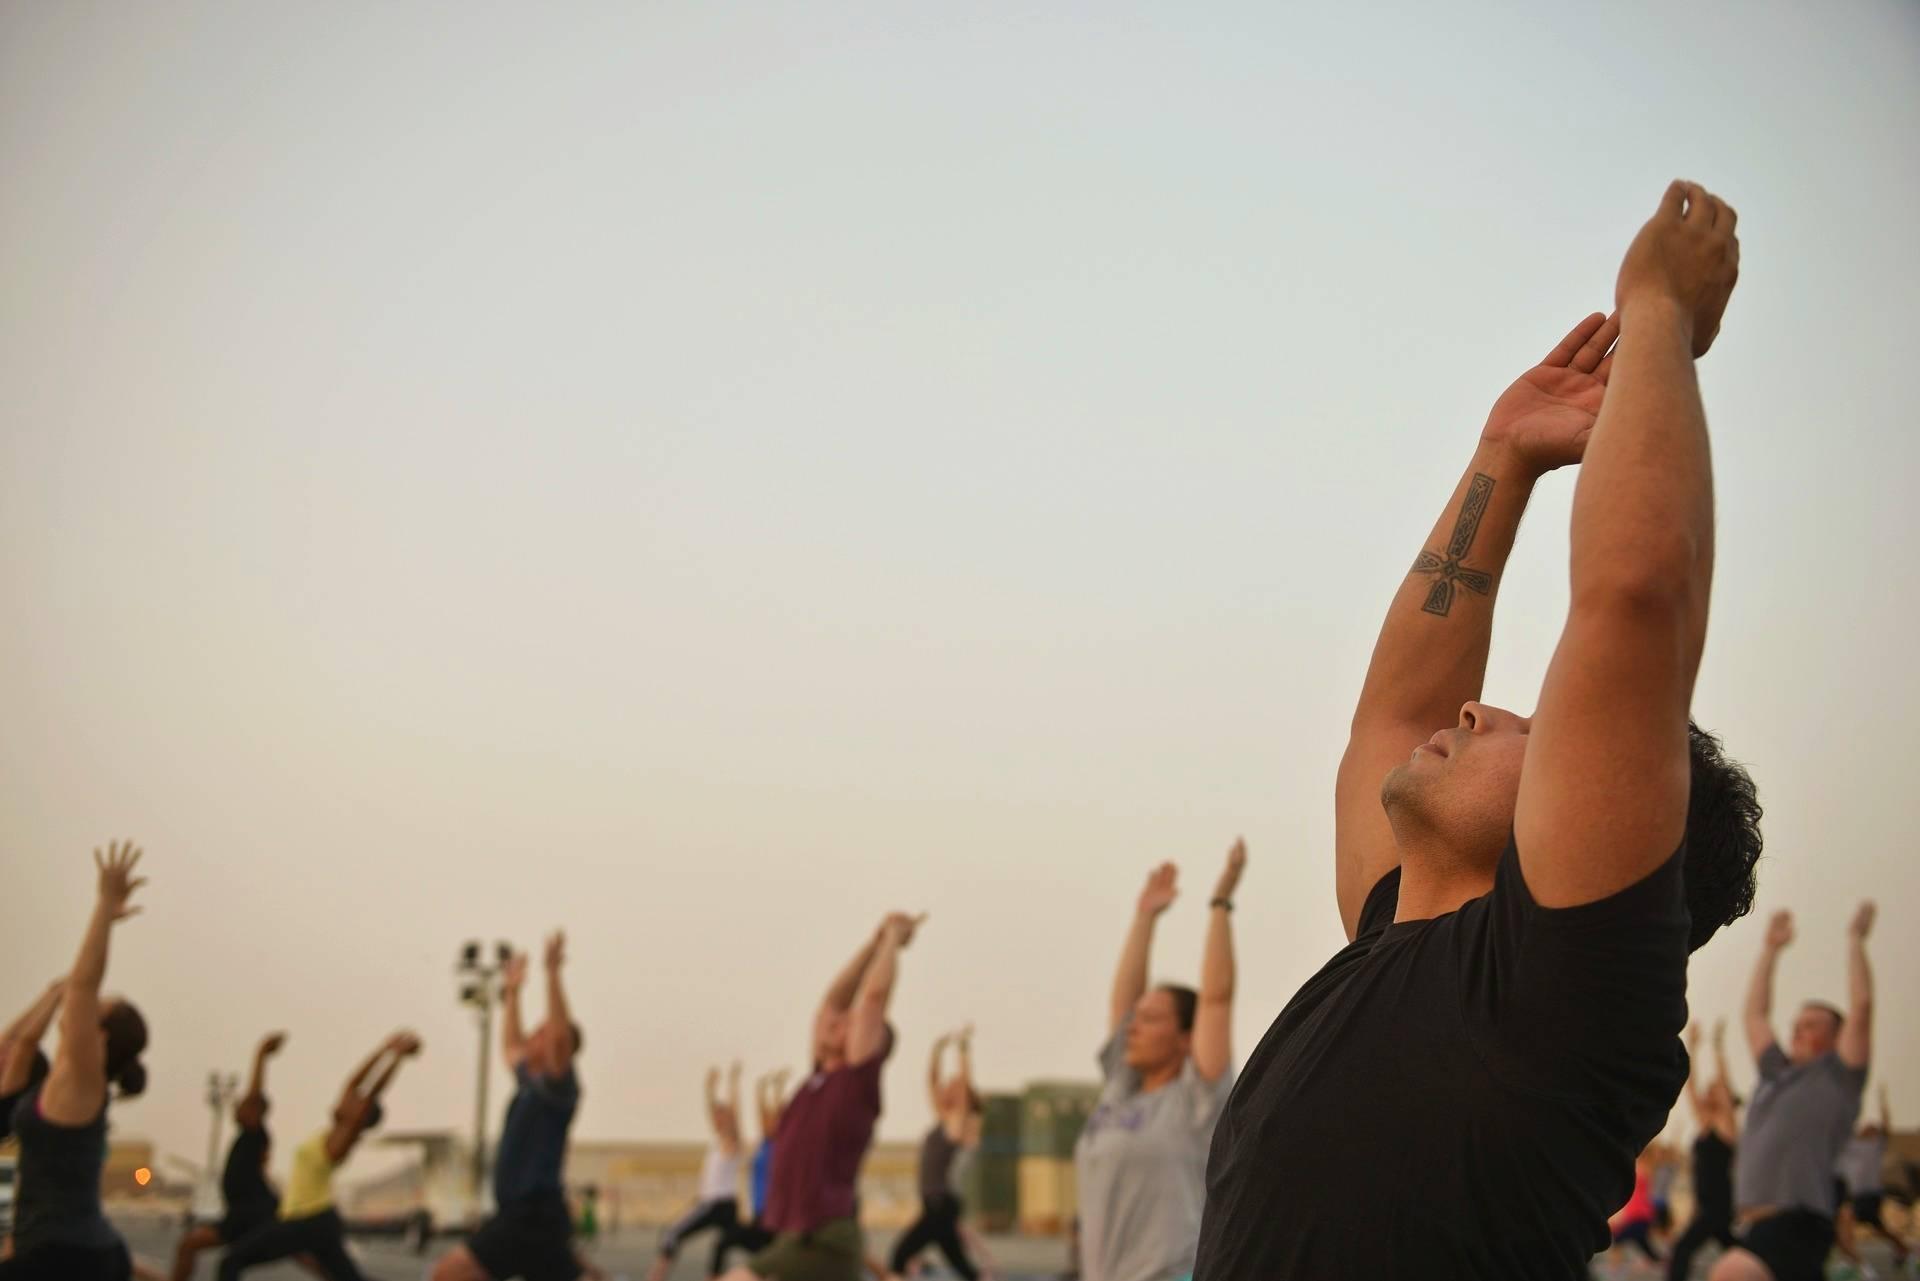 Zajęcia z jogi na świeżym powietrzu. Dieta wegetariańska a aktywność fizyczna.